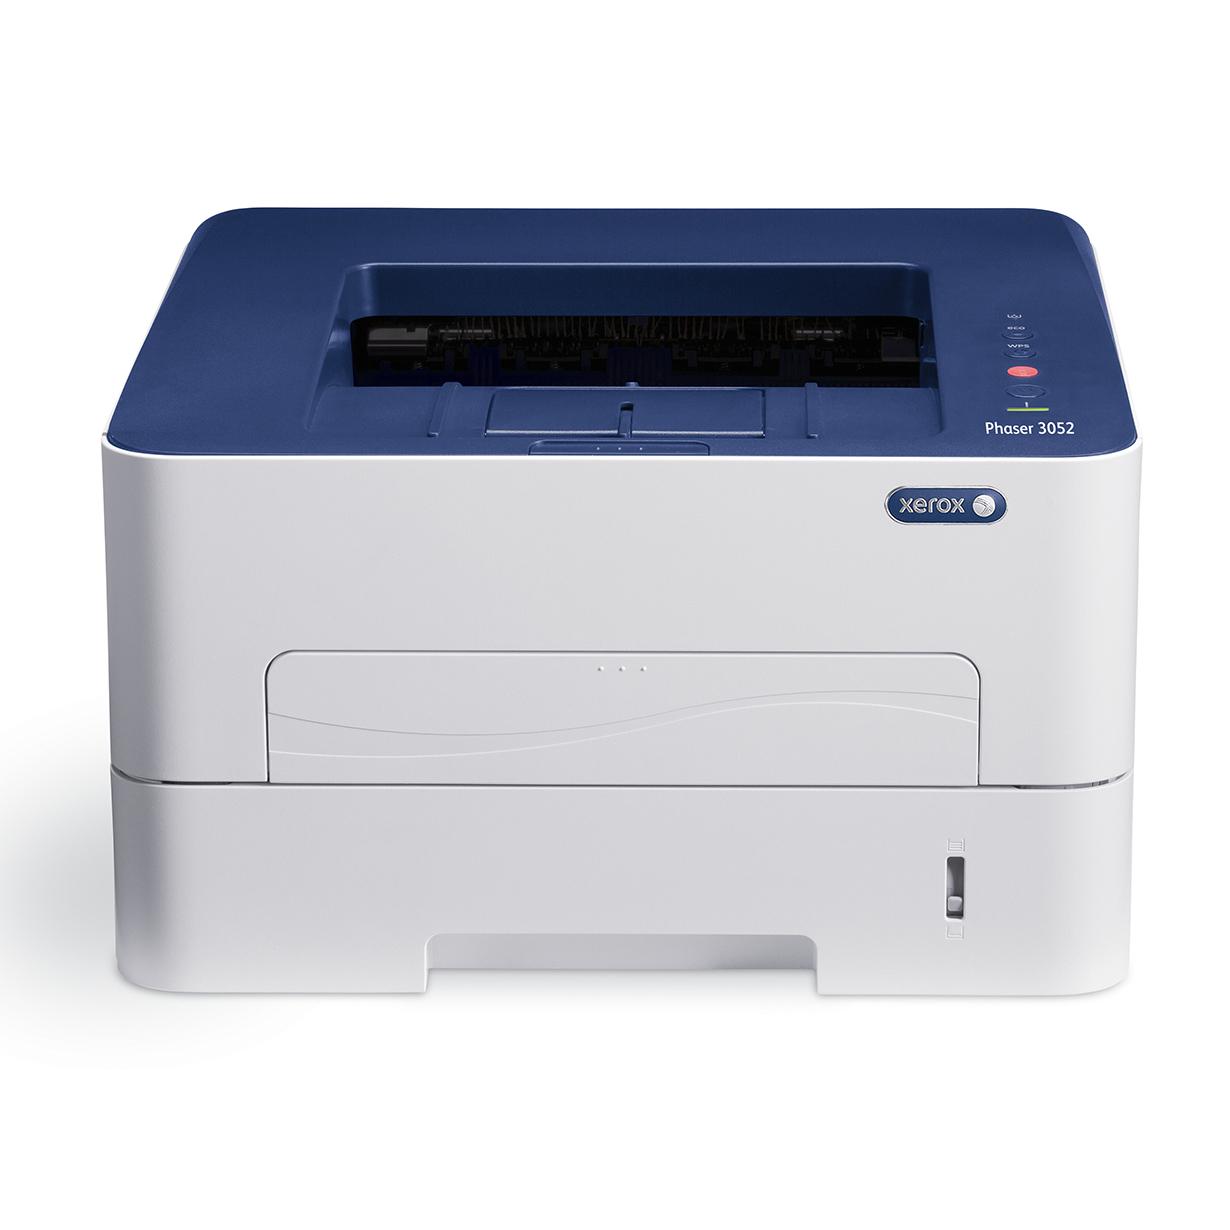 Xerox Phaser 3052 NI / 3260 DI DNI | eReset – fix firmware